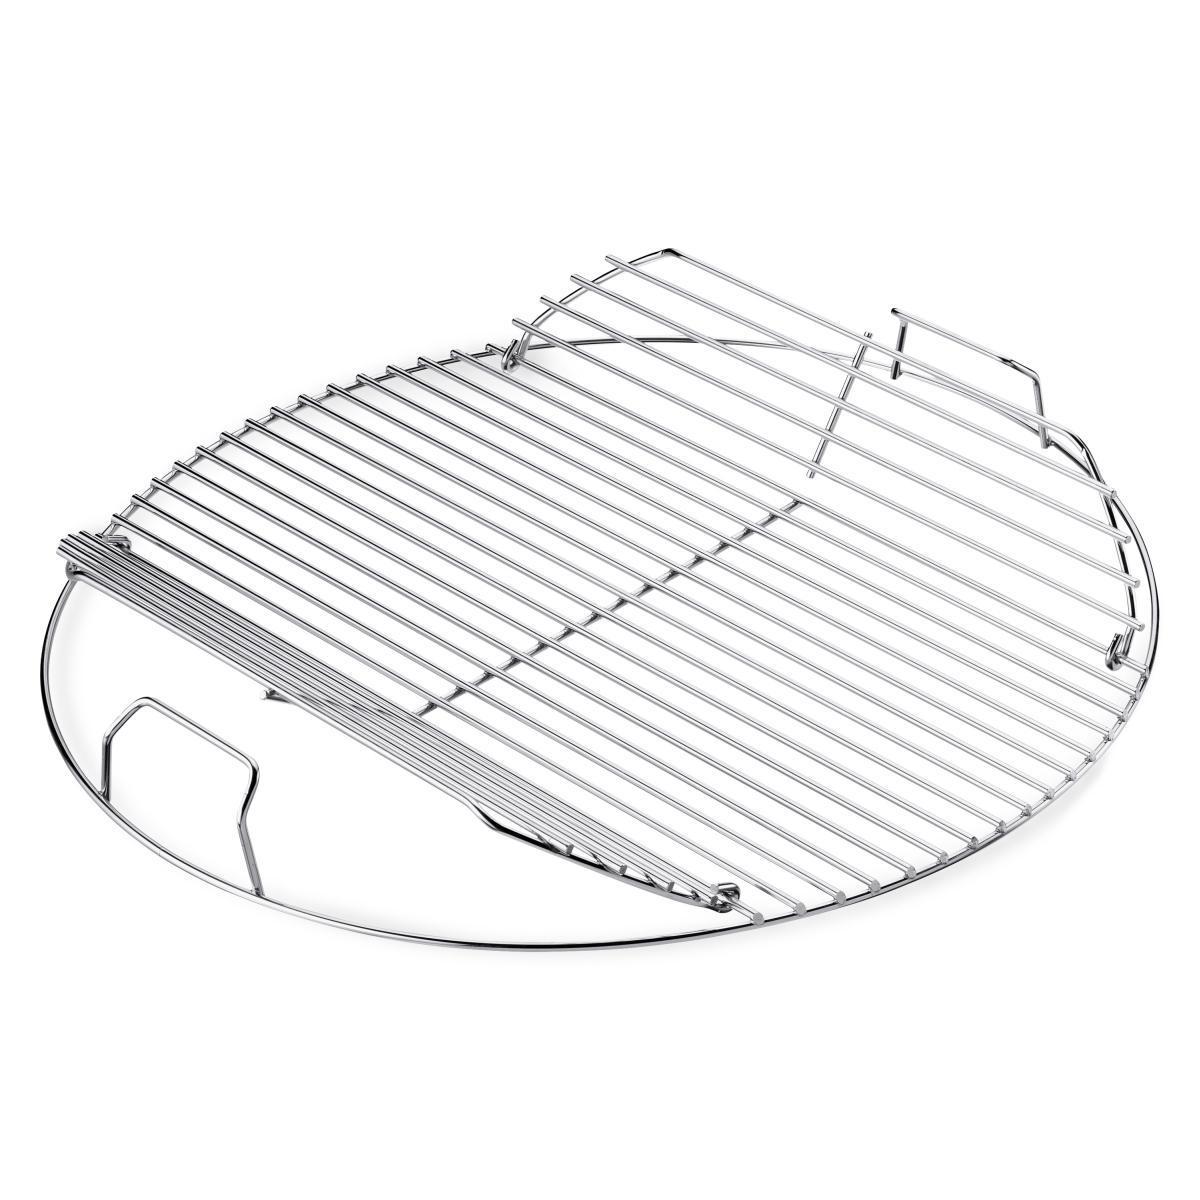 grillrost f r bbq 47 cm klappbar 8414 grill co. Black Bedroom Furniture Sets. Home Design Ideas